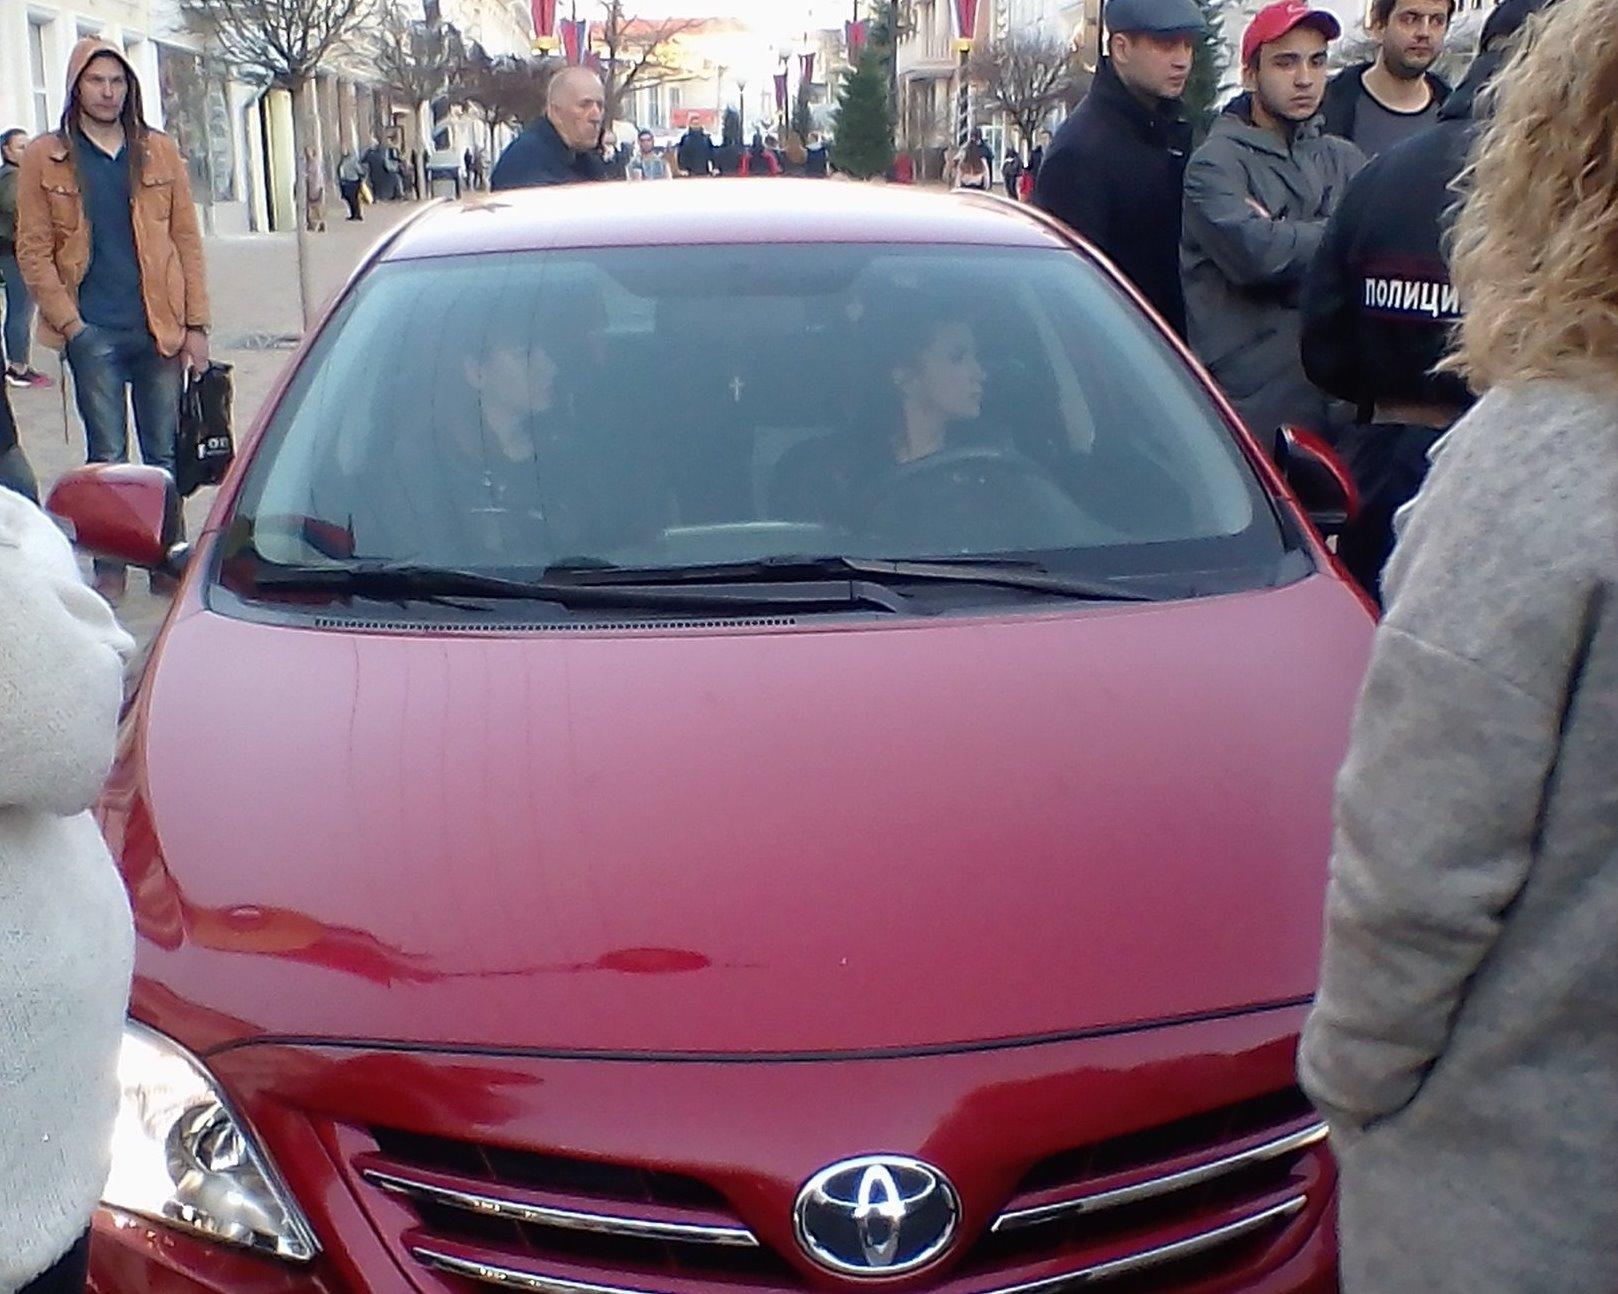 Сбившая на пешеходной зоне в Симферополе кота женщина написала заявление о порче машины